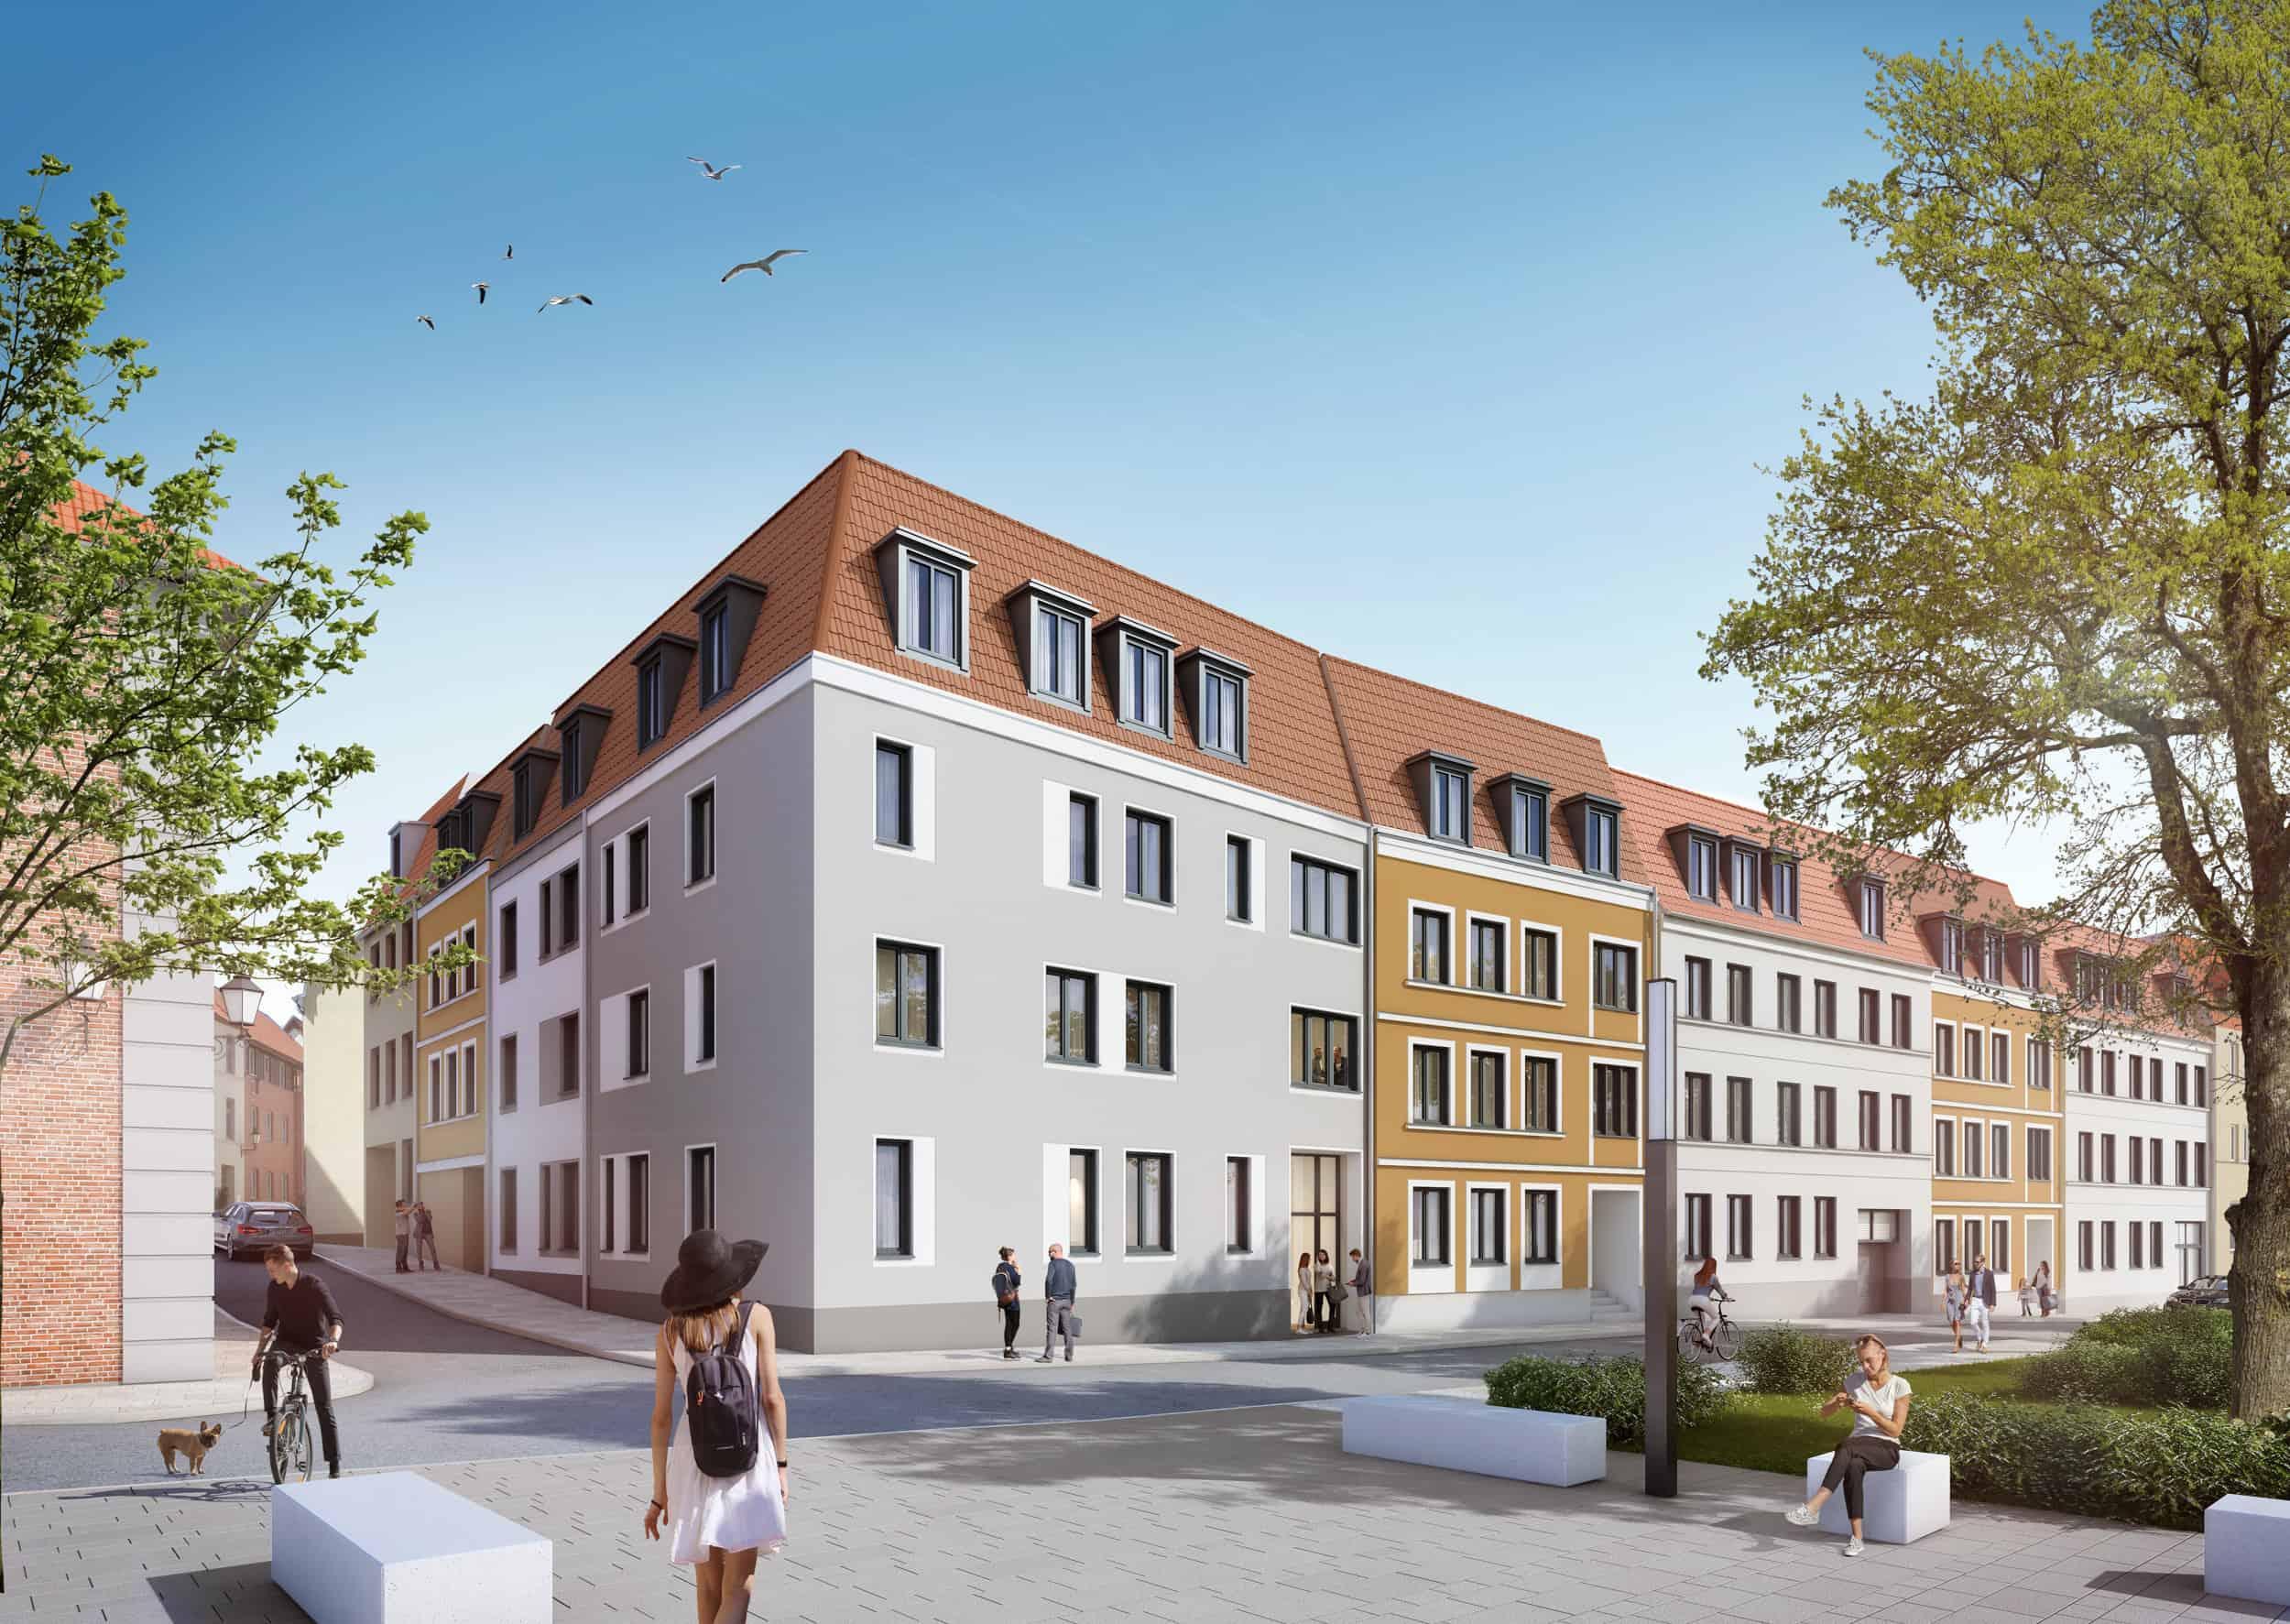 Wohnungsbau Turmstrasse Wismar